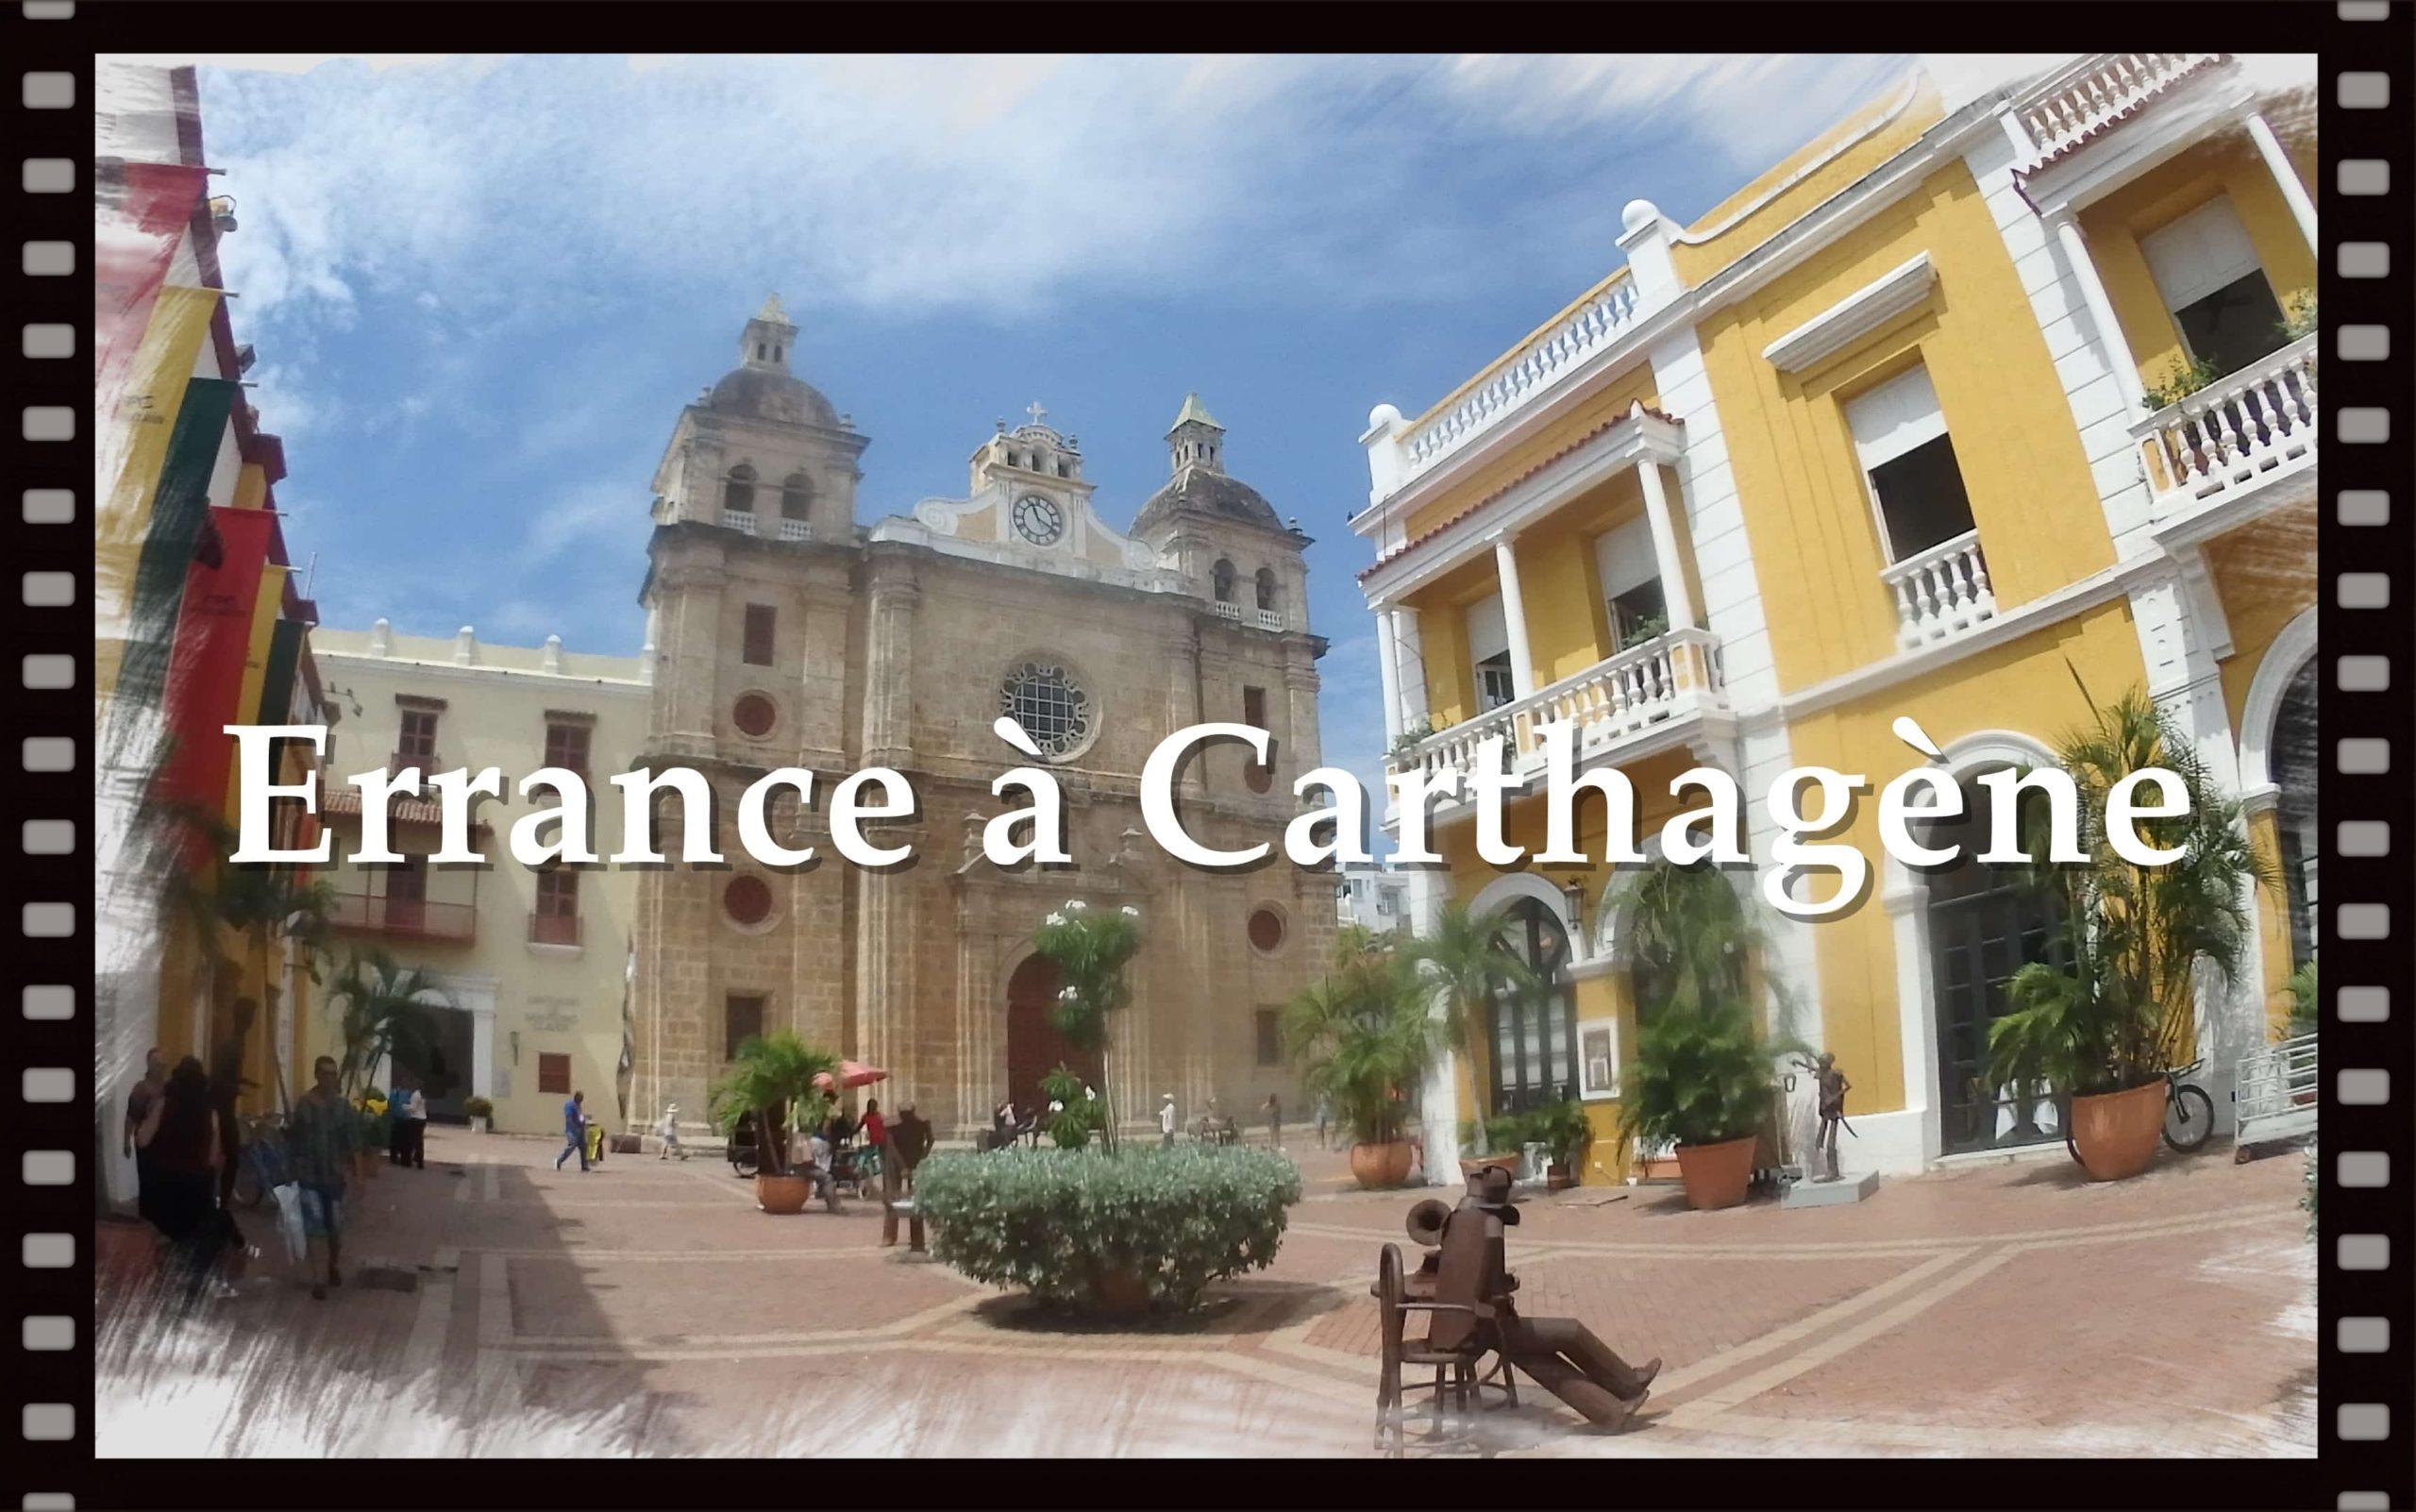 Tour du Monde - Colombie - Errance à Carthagène des Indes!